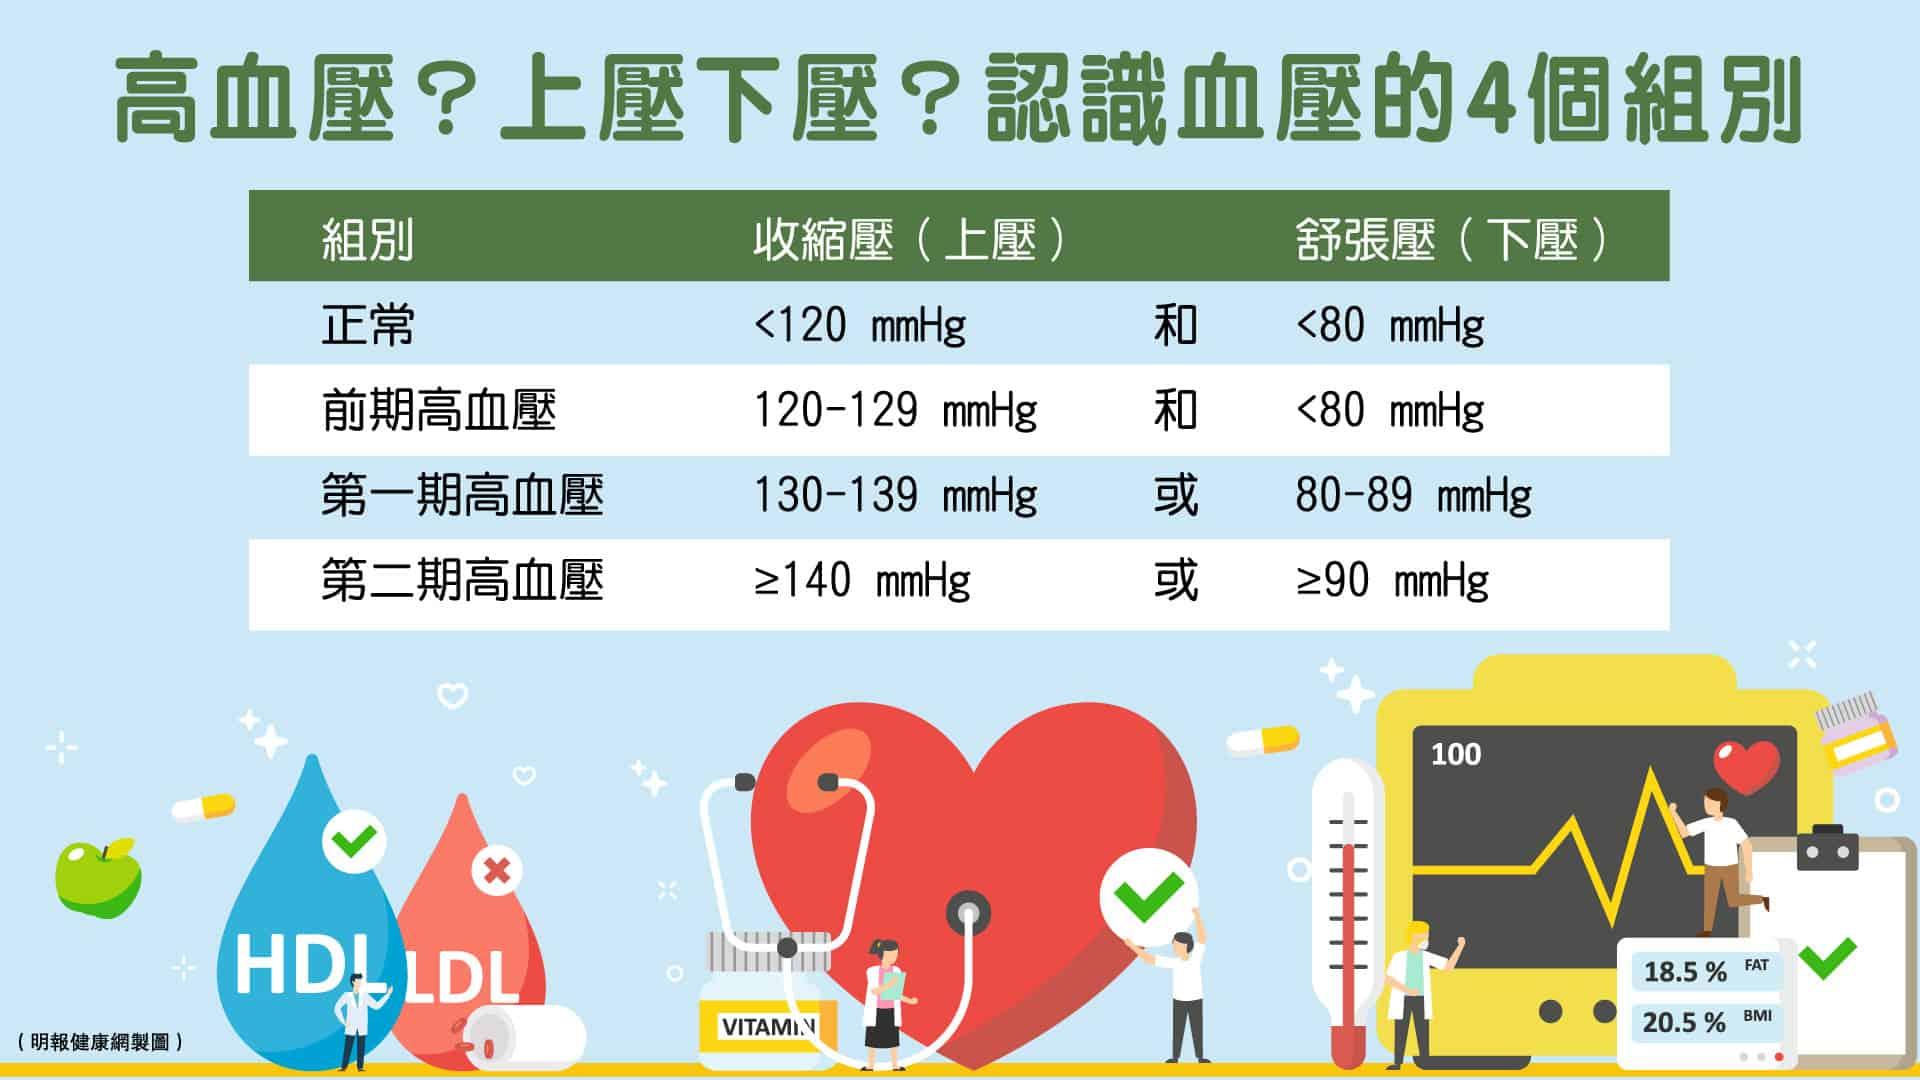 你的血壓水平合符標準嗎?認識血壓的4個組別。